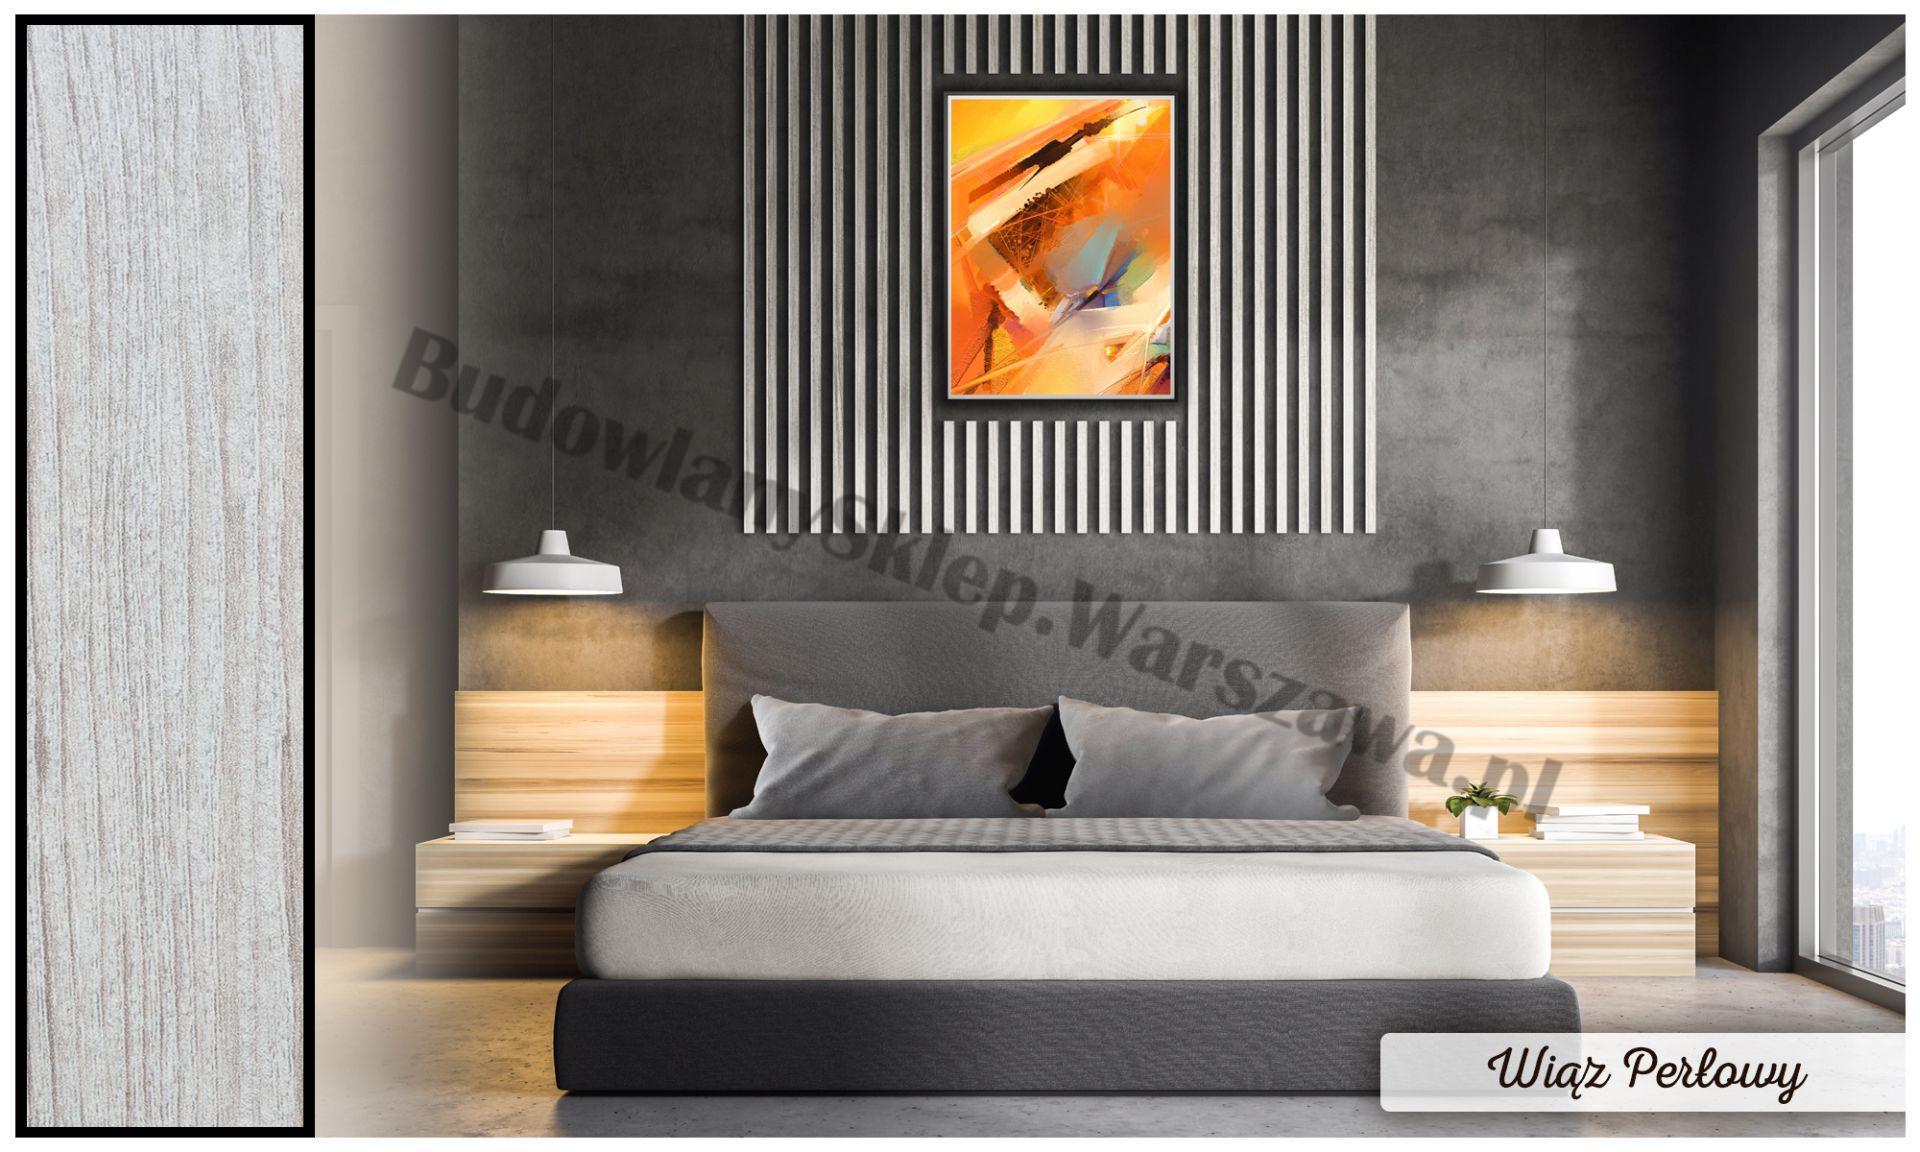 Lamele dekoracyjne panele pionowe listwy 3d ozdobne na ścianę lub sufit 2,8m kolor SZARY jednolity